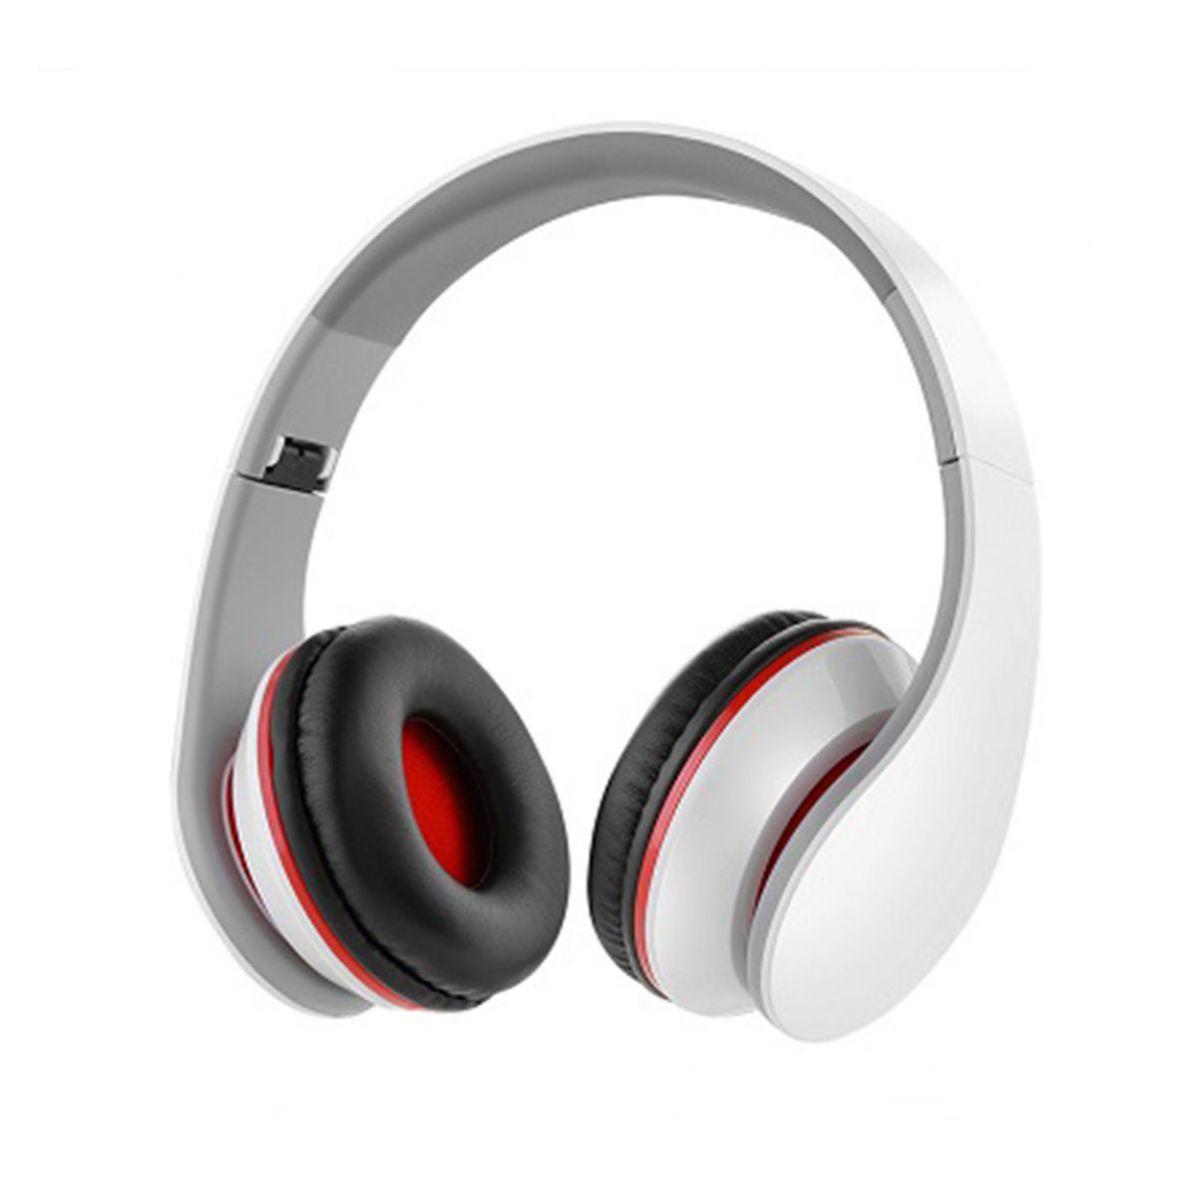 Headphone de Alta Qualidade -  Geshengle